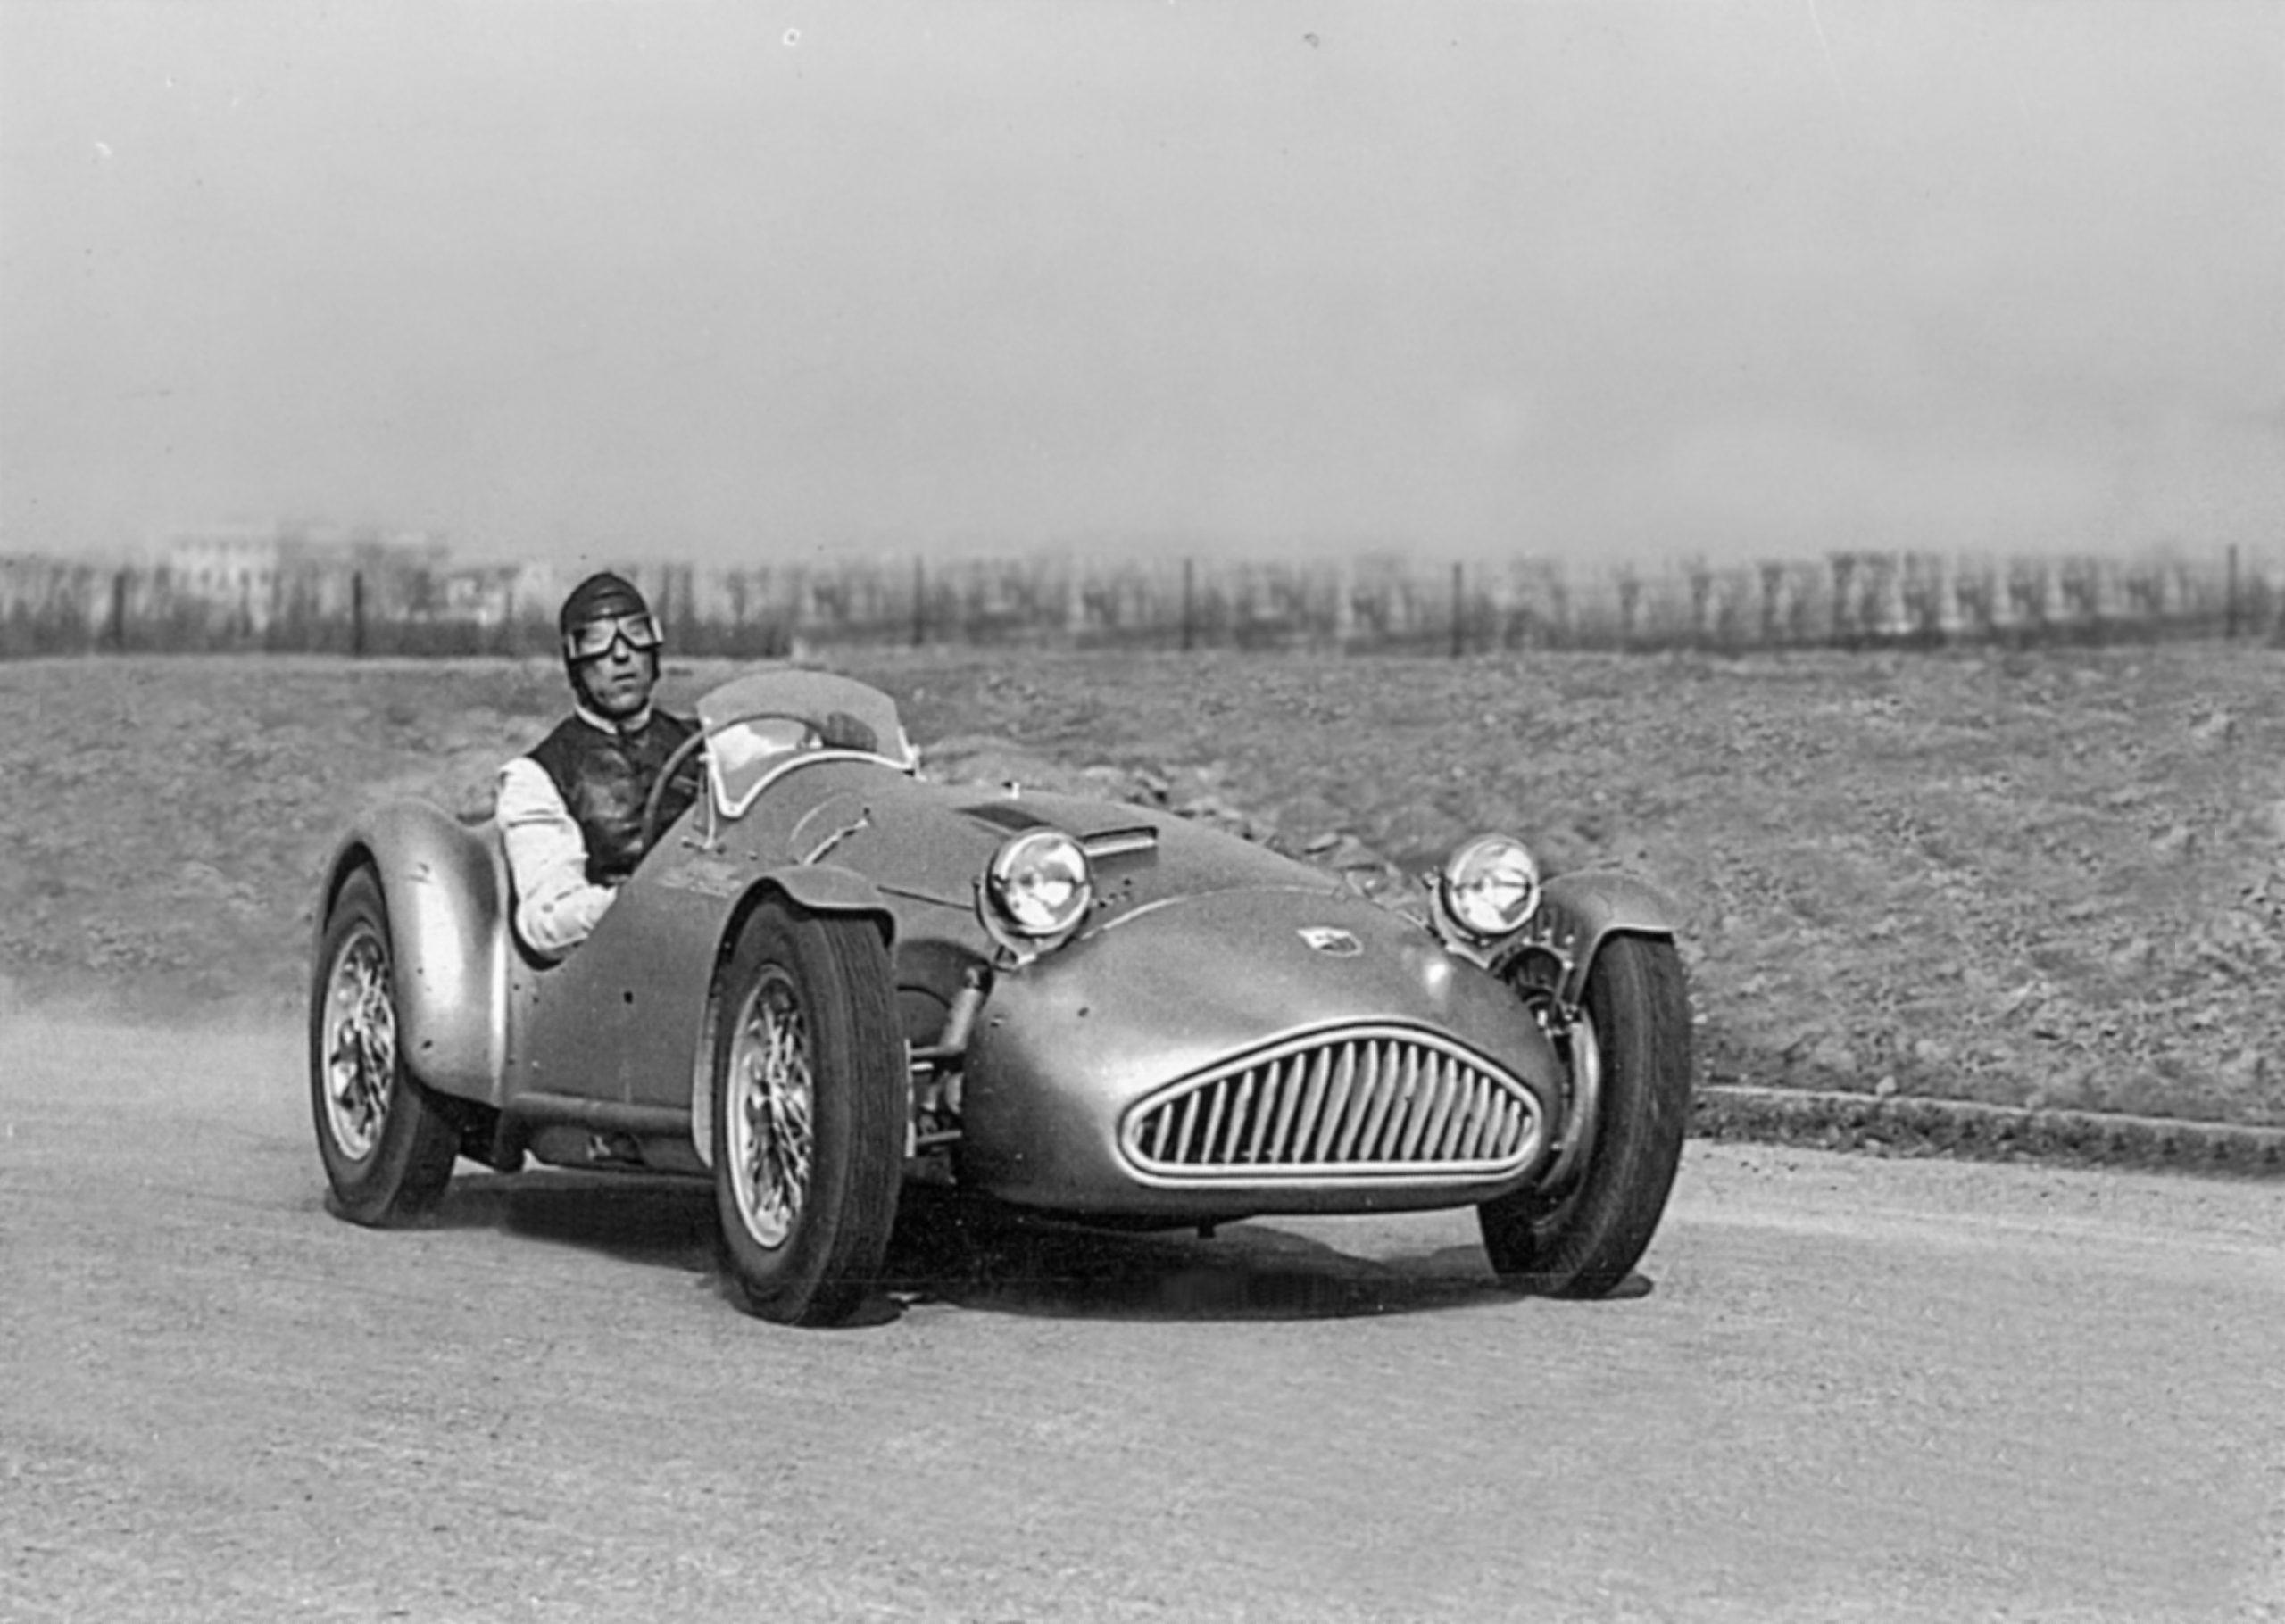 Met de overwinning van Tazio Nuvolari, nu 70 jaar geleden, was de legende van de Schorpioen geboren